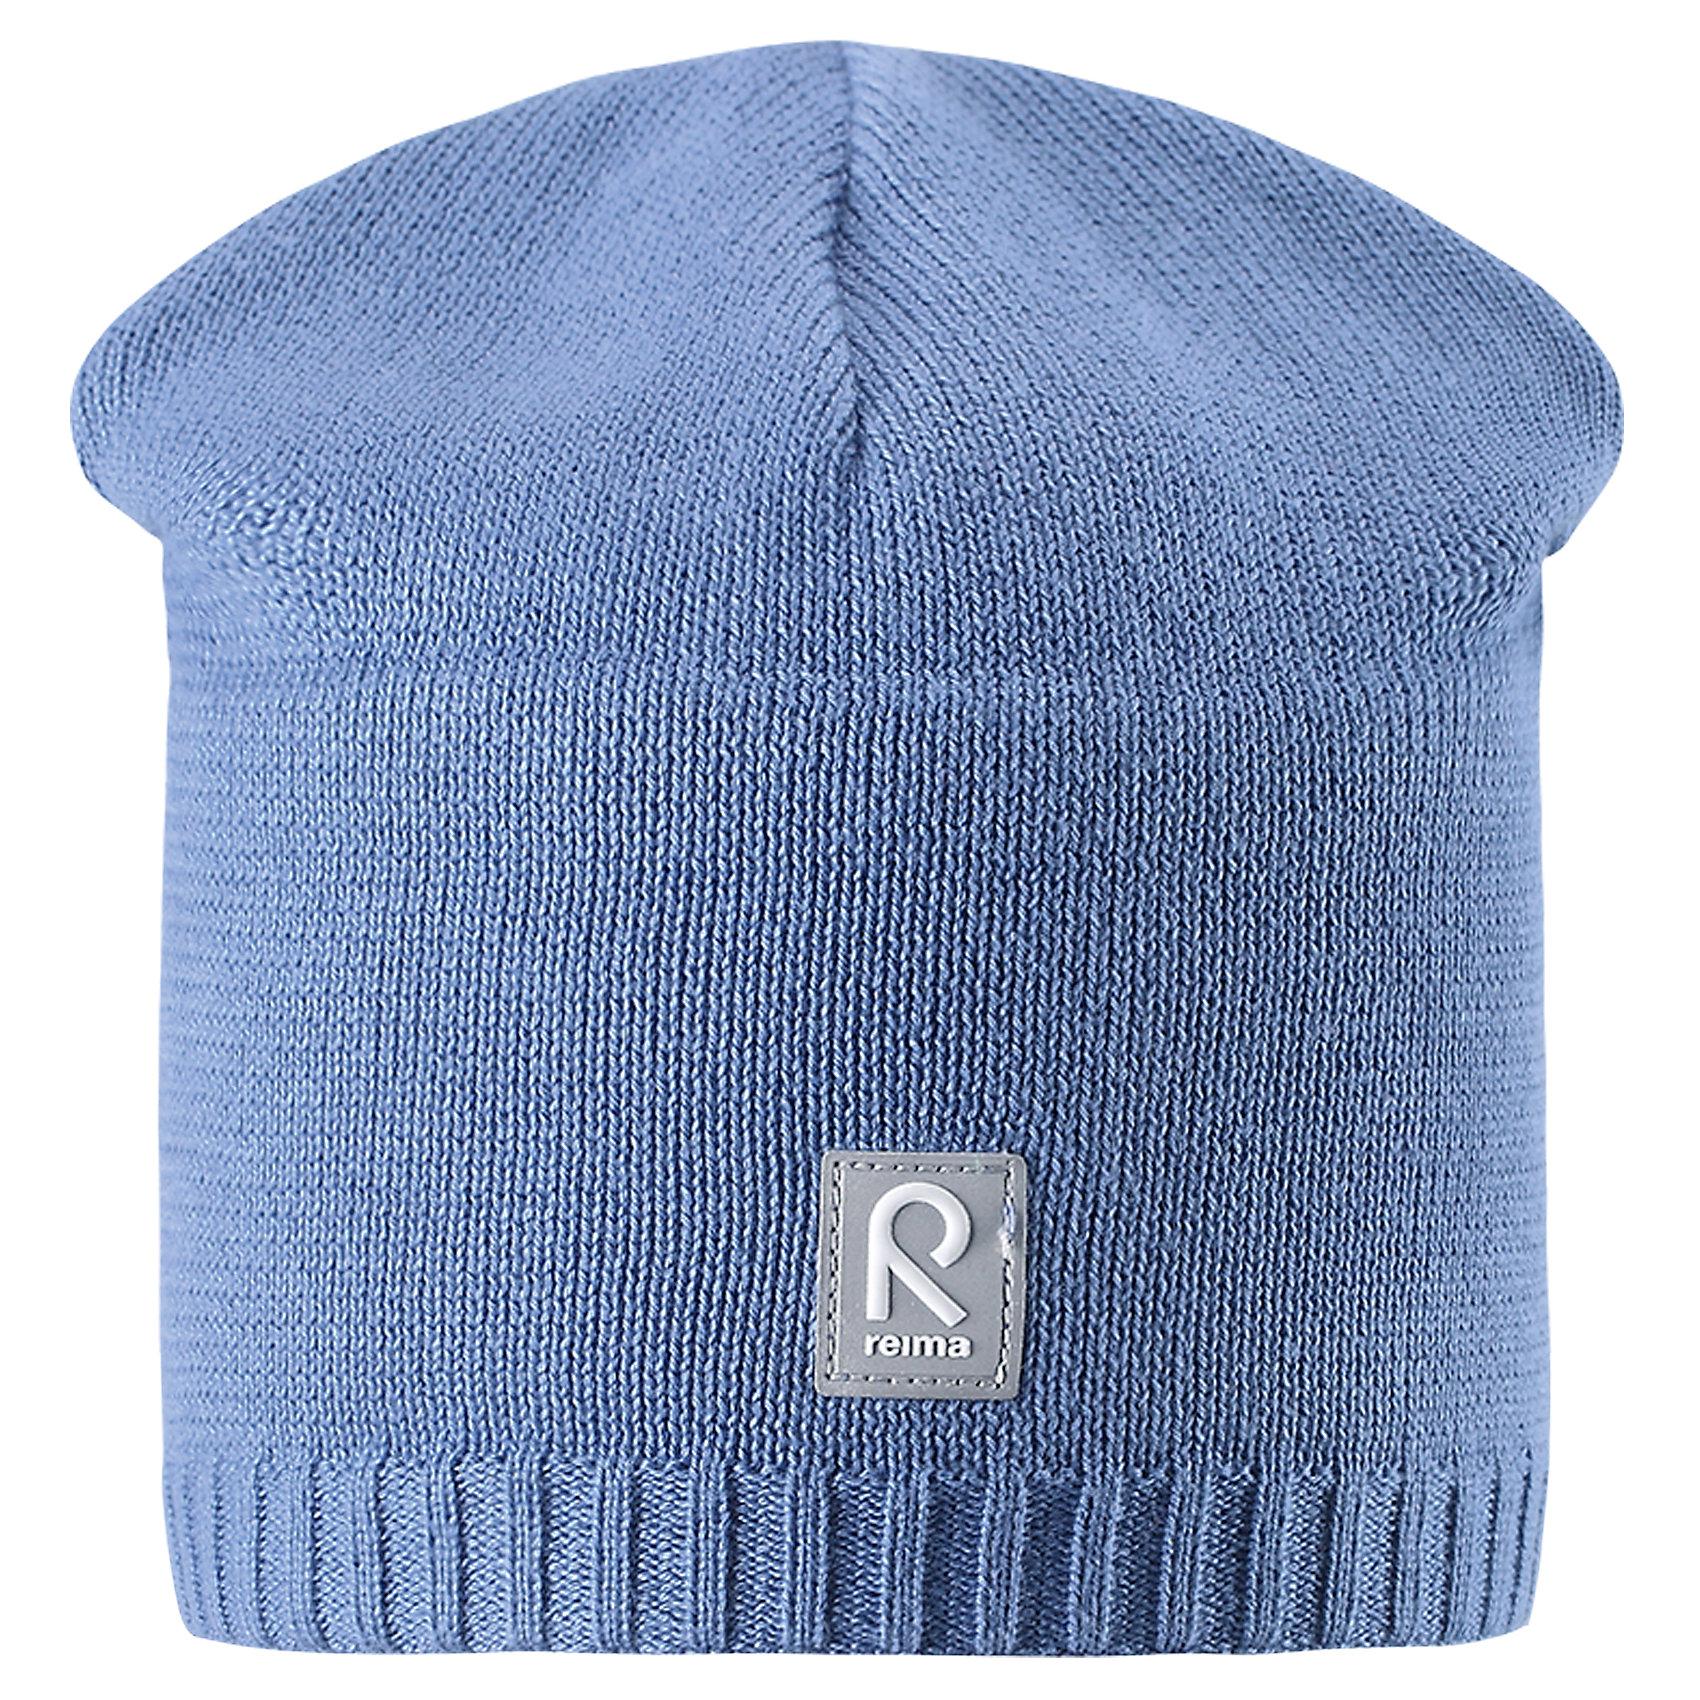 Шапка Datoline ReimaШапки и шарфы<br>Характеристики товара:<br><br>• цвет: голубой<br>• состав: 100% хлопок<br>• температурный режим: от +7С<br>• эластичный хлопковый трикотаж<br>• изделие сертифицированно по стандарту Oeko-Tex на продукцию класса 2 - одежда, контактирующая с кожей<br>• ветронепроницаемые вставки в области ушей<br>• полуподкладка: хлопковый трикотаж<br>• эмблема Reima спереди<br>• светоотражающая эмблема спереди<br>• страна бренда: Финляндия<br>• страна производства: Китай<br><br>Детский головной убор может быть модным и удобным одновременно! Стильная шапка поможет обеспечить ребенку комфорт и дополнить наряд.Шапка удобно сидит и аккуратно выглядит. Проста в уходе, долго служит. Стильный дизайн разрабатывался специально для детей. Отличная защита от дождя и ветра!<br><br>Уход:<br><br>• стирать по отдельности, вывернув наизнанку<br>• придать первоначальную форму вo влажном виде<br>• возможна усадка 5 %.<br><br>Шапку от финского бренда Reima (Рейма) можно купить в нашем интернет-магазине.<br><br>Ширина мм: 89<br>Глубина мм: 117<br>Высота мм: 44<br>Вес г: 155<br>Цвет: синий<br>Возраст от месяцев: 24<br>Возраст до месяцев: 60<br>Пол: Унисекс<br>Возраст: Детский<br>Размер: 52,56,50,54<br>SKU: 5267965